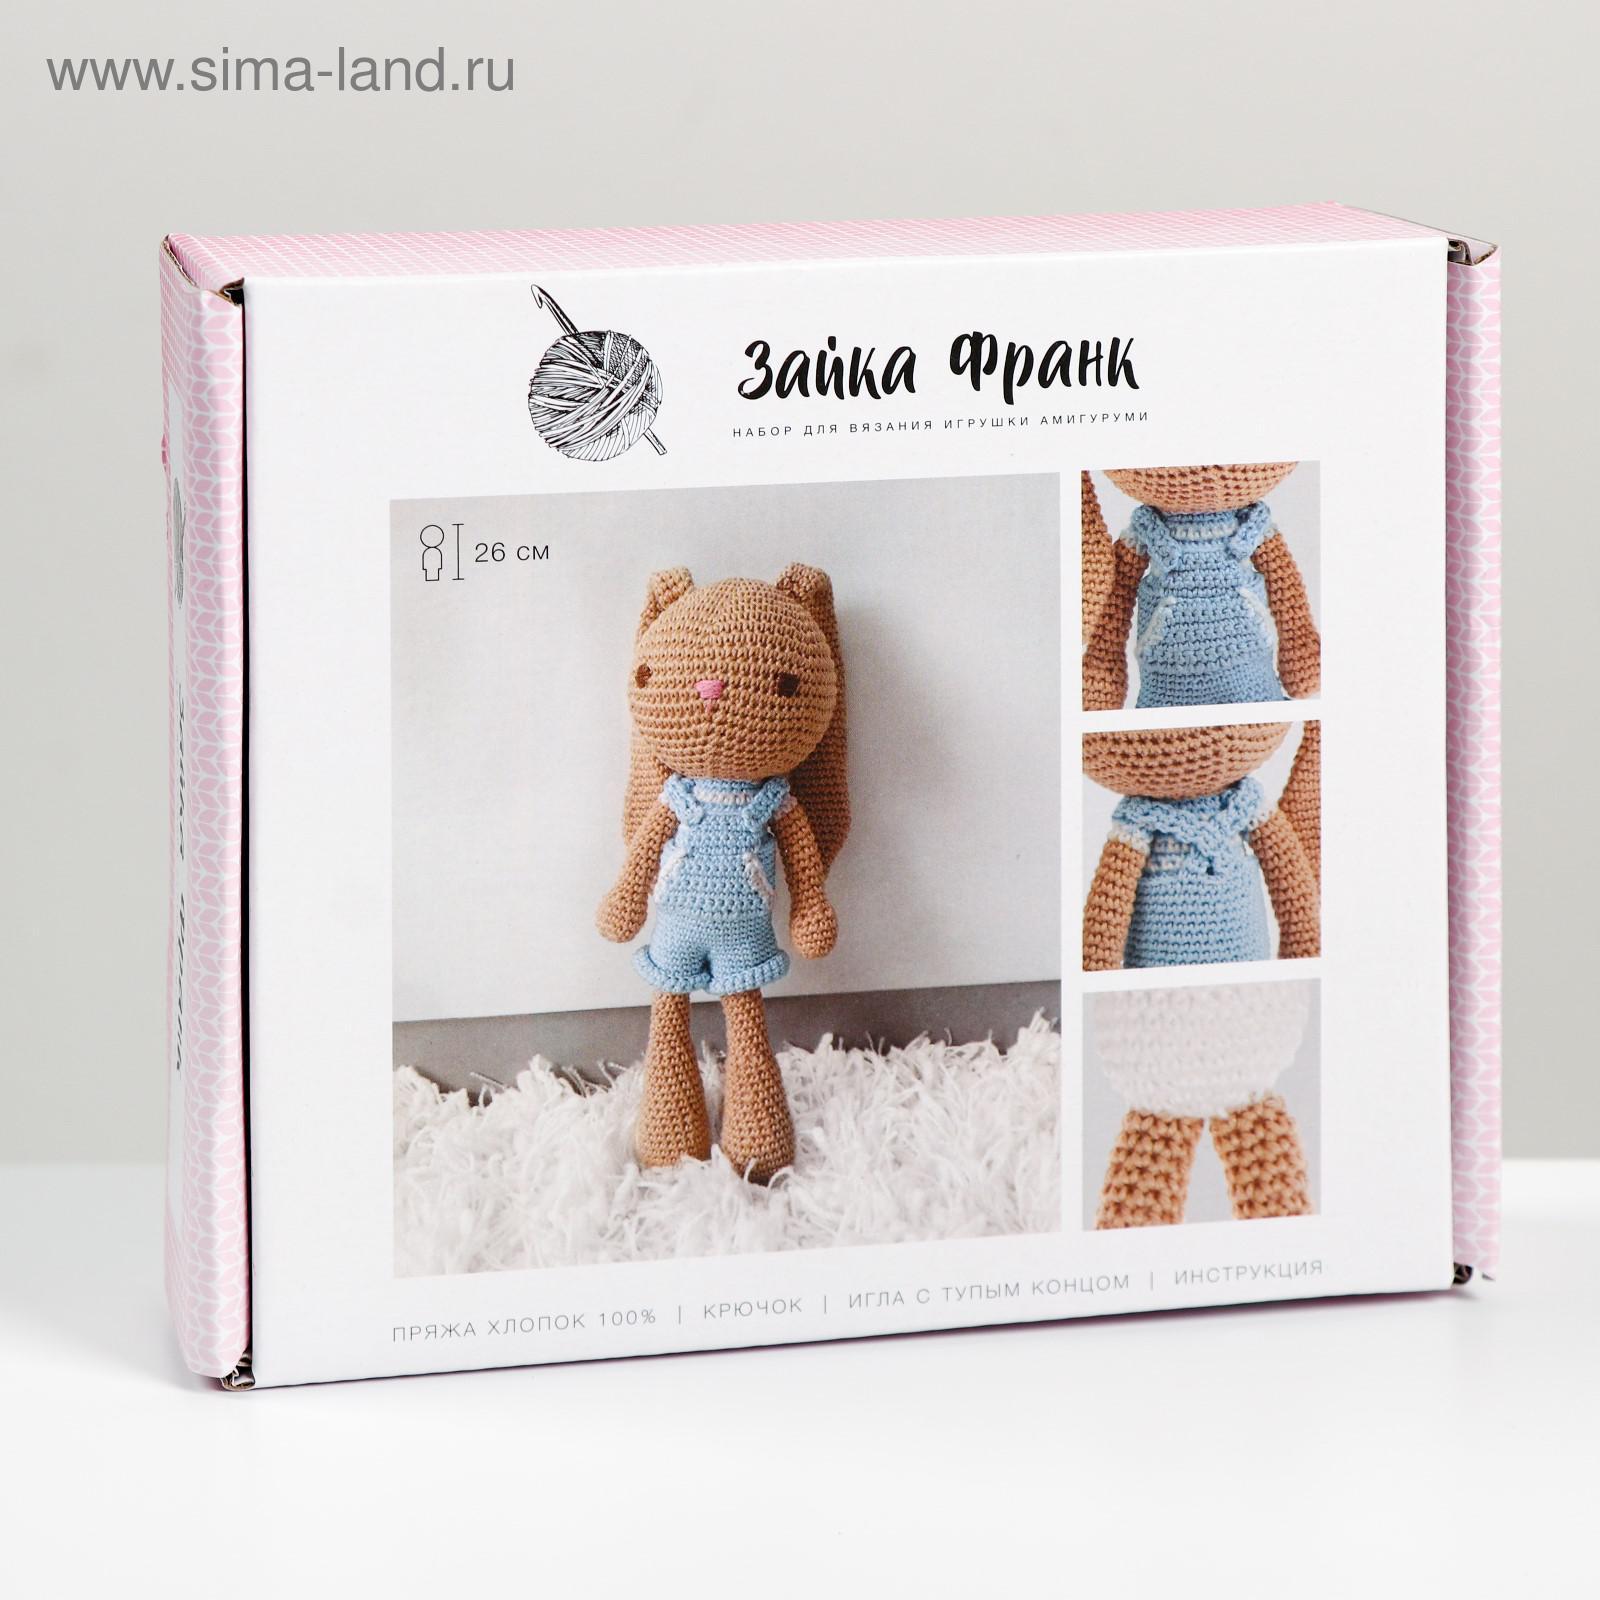 мягкая игрушка зайка франк набор для вязания 12 10 4 см